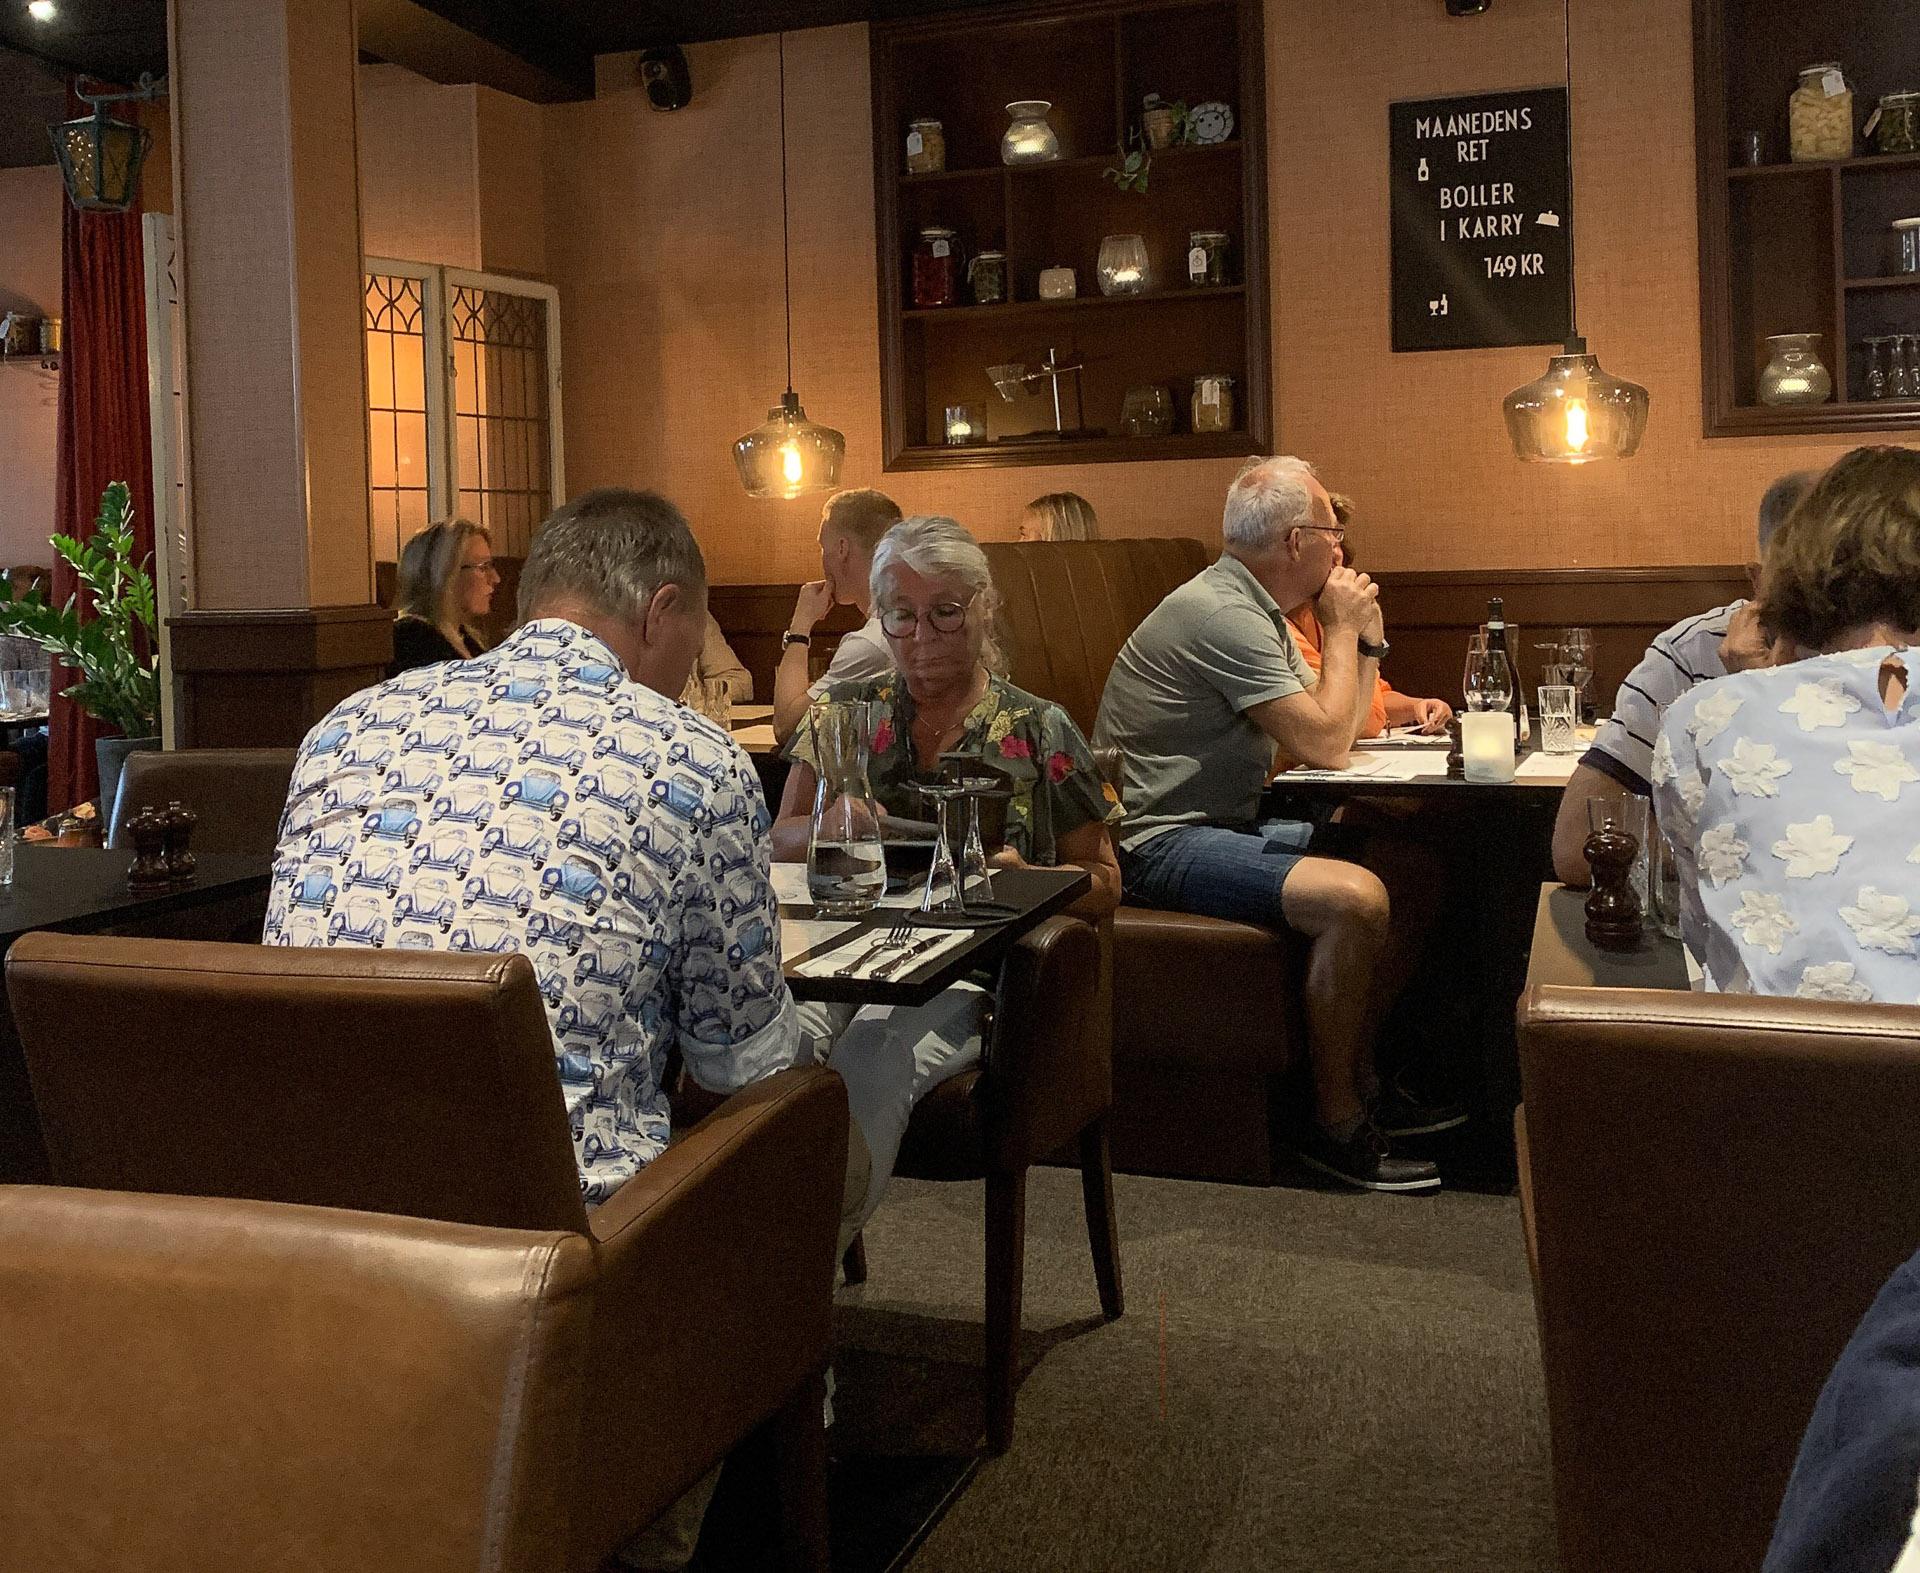 Hvad er Klokken? En restaurant med alle de danske klassiske retter